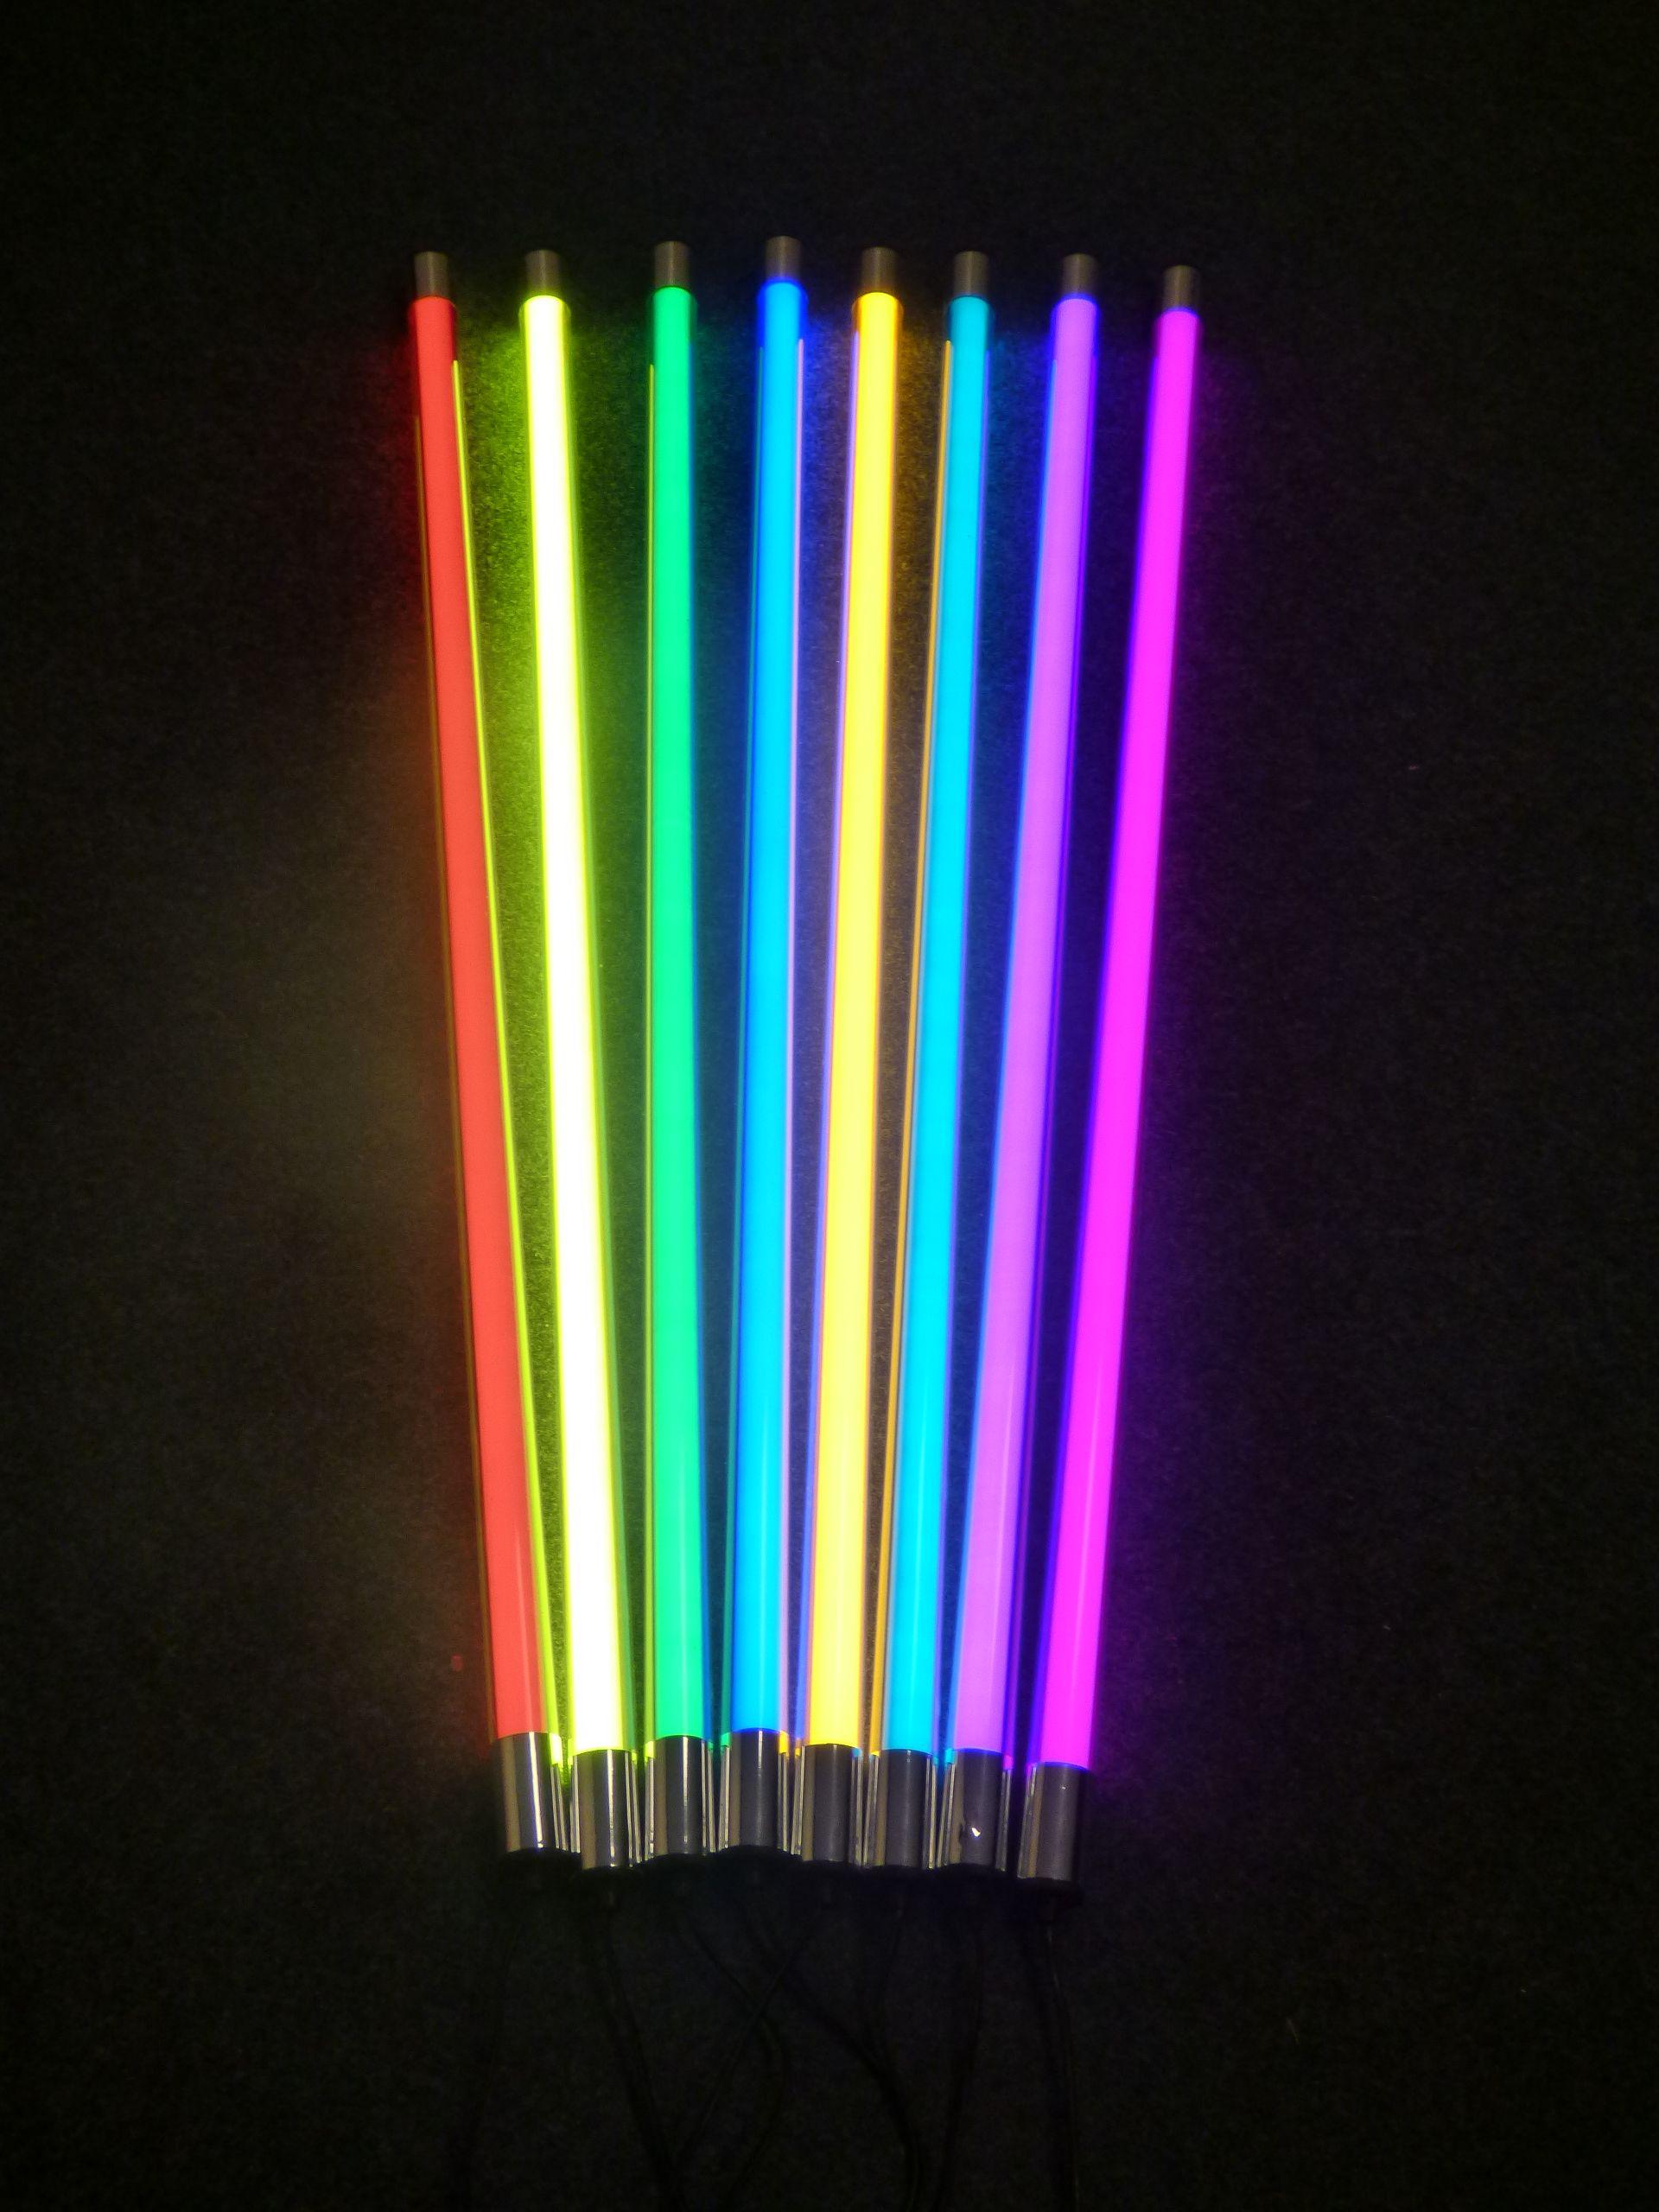 Farbige Led Leuchtstabe In 1 23m Und 1 53m Lange Mit Befestigungs Halter Neon Noir Neon Art Neon Signs